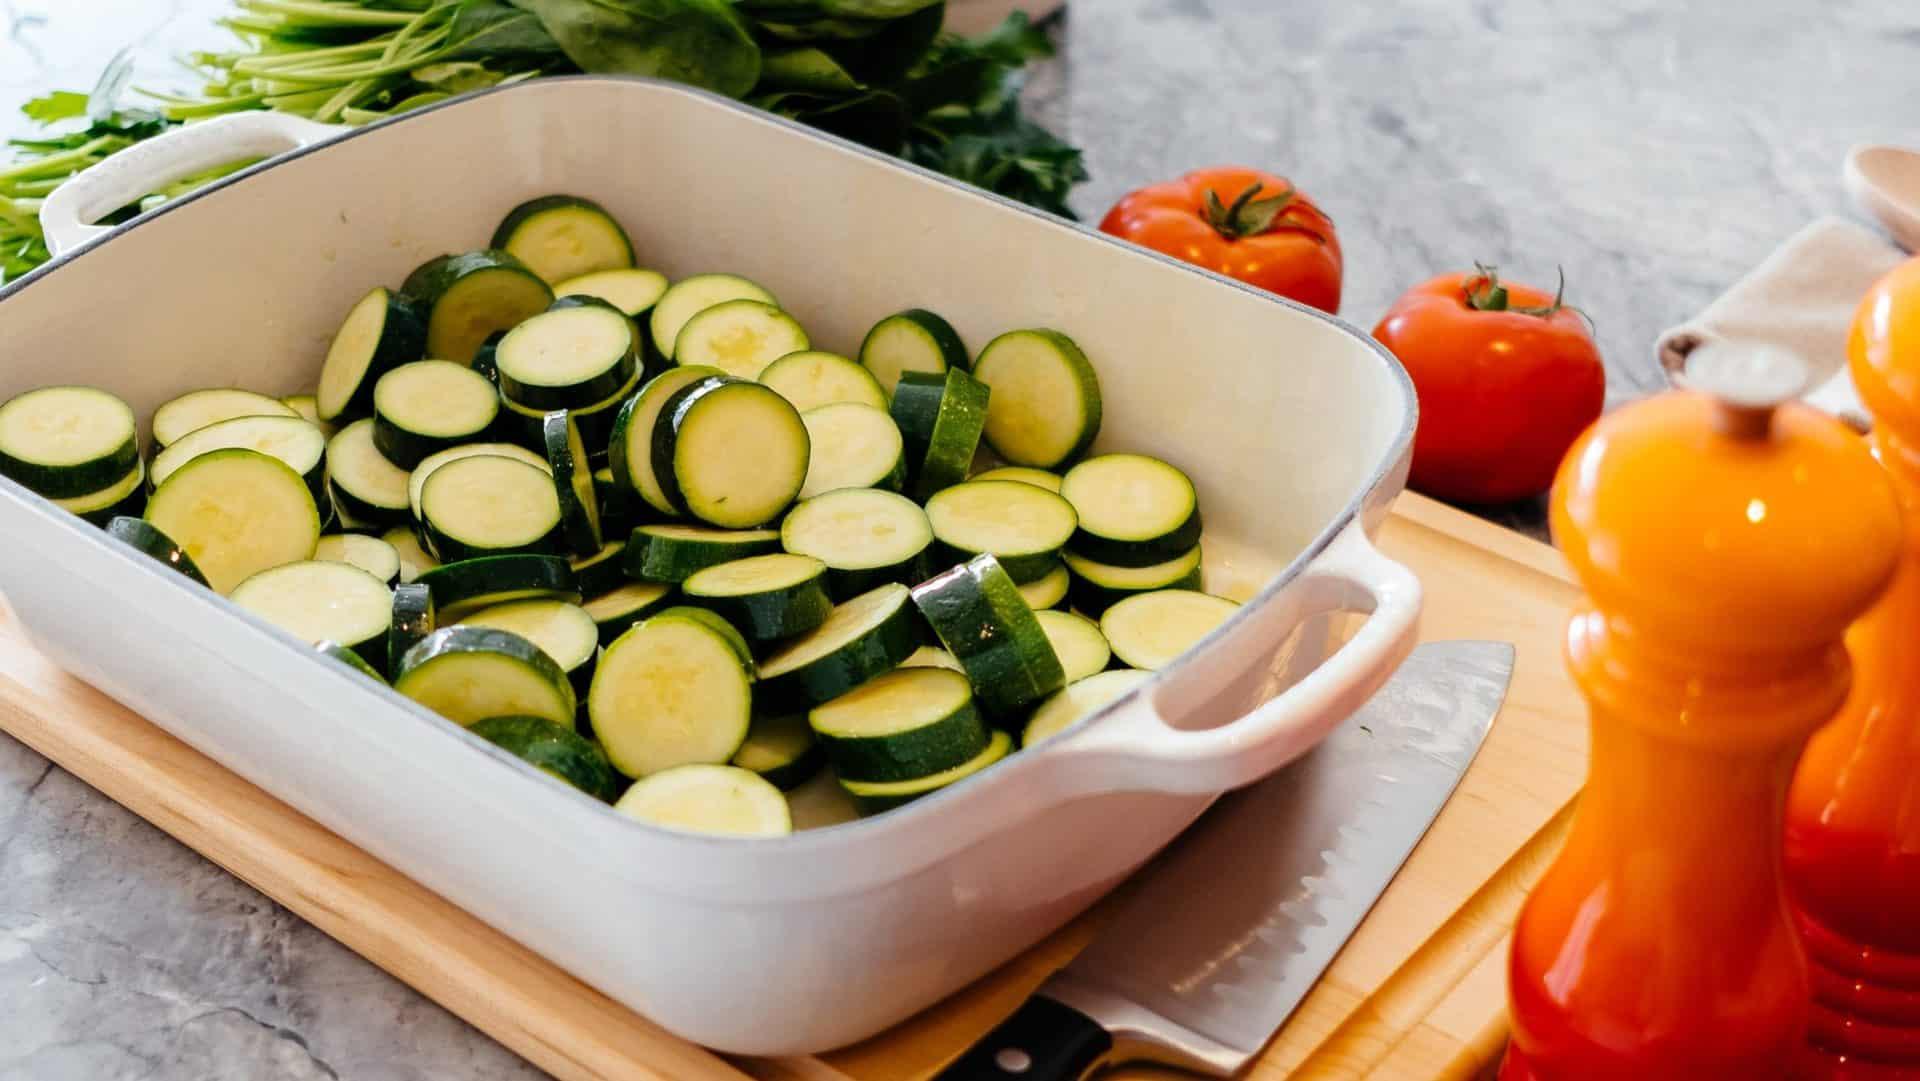 Ovenschotel met courgette. Tomaten, een mes, peper en spinazie liggen naast de ovenschotel.